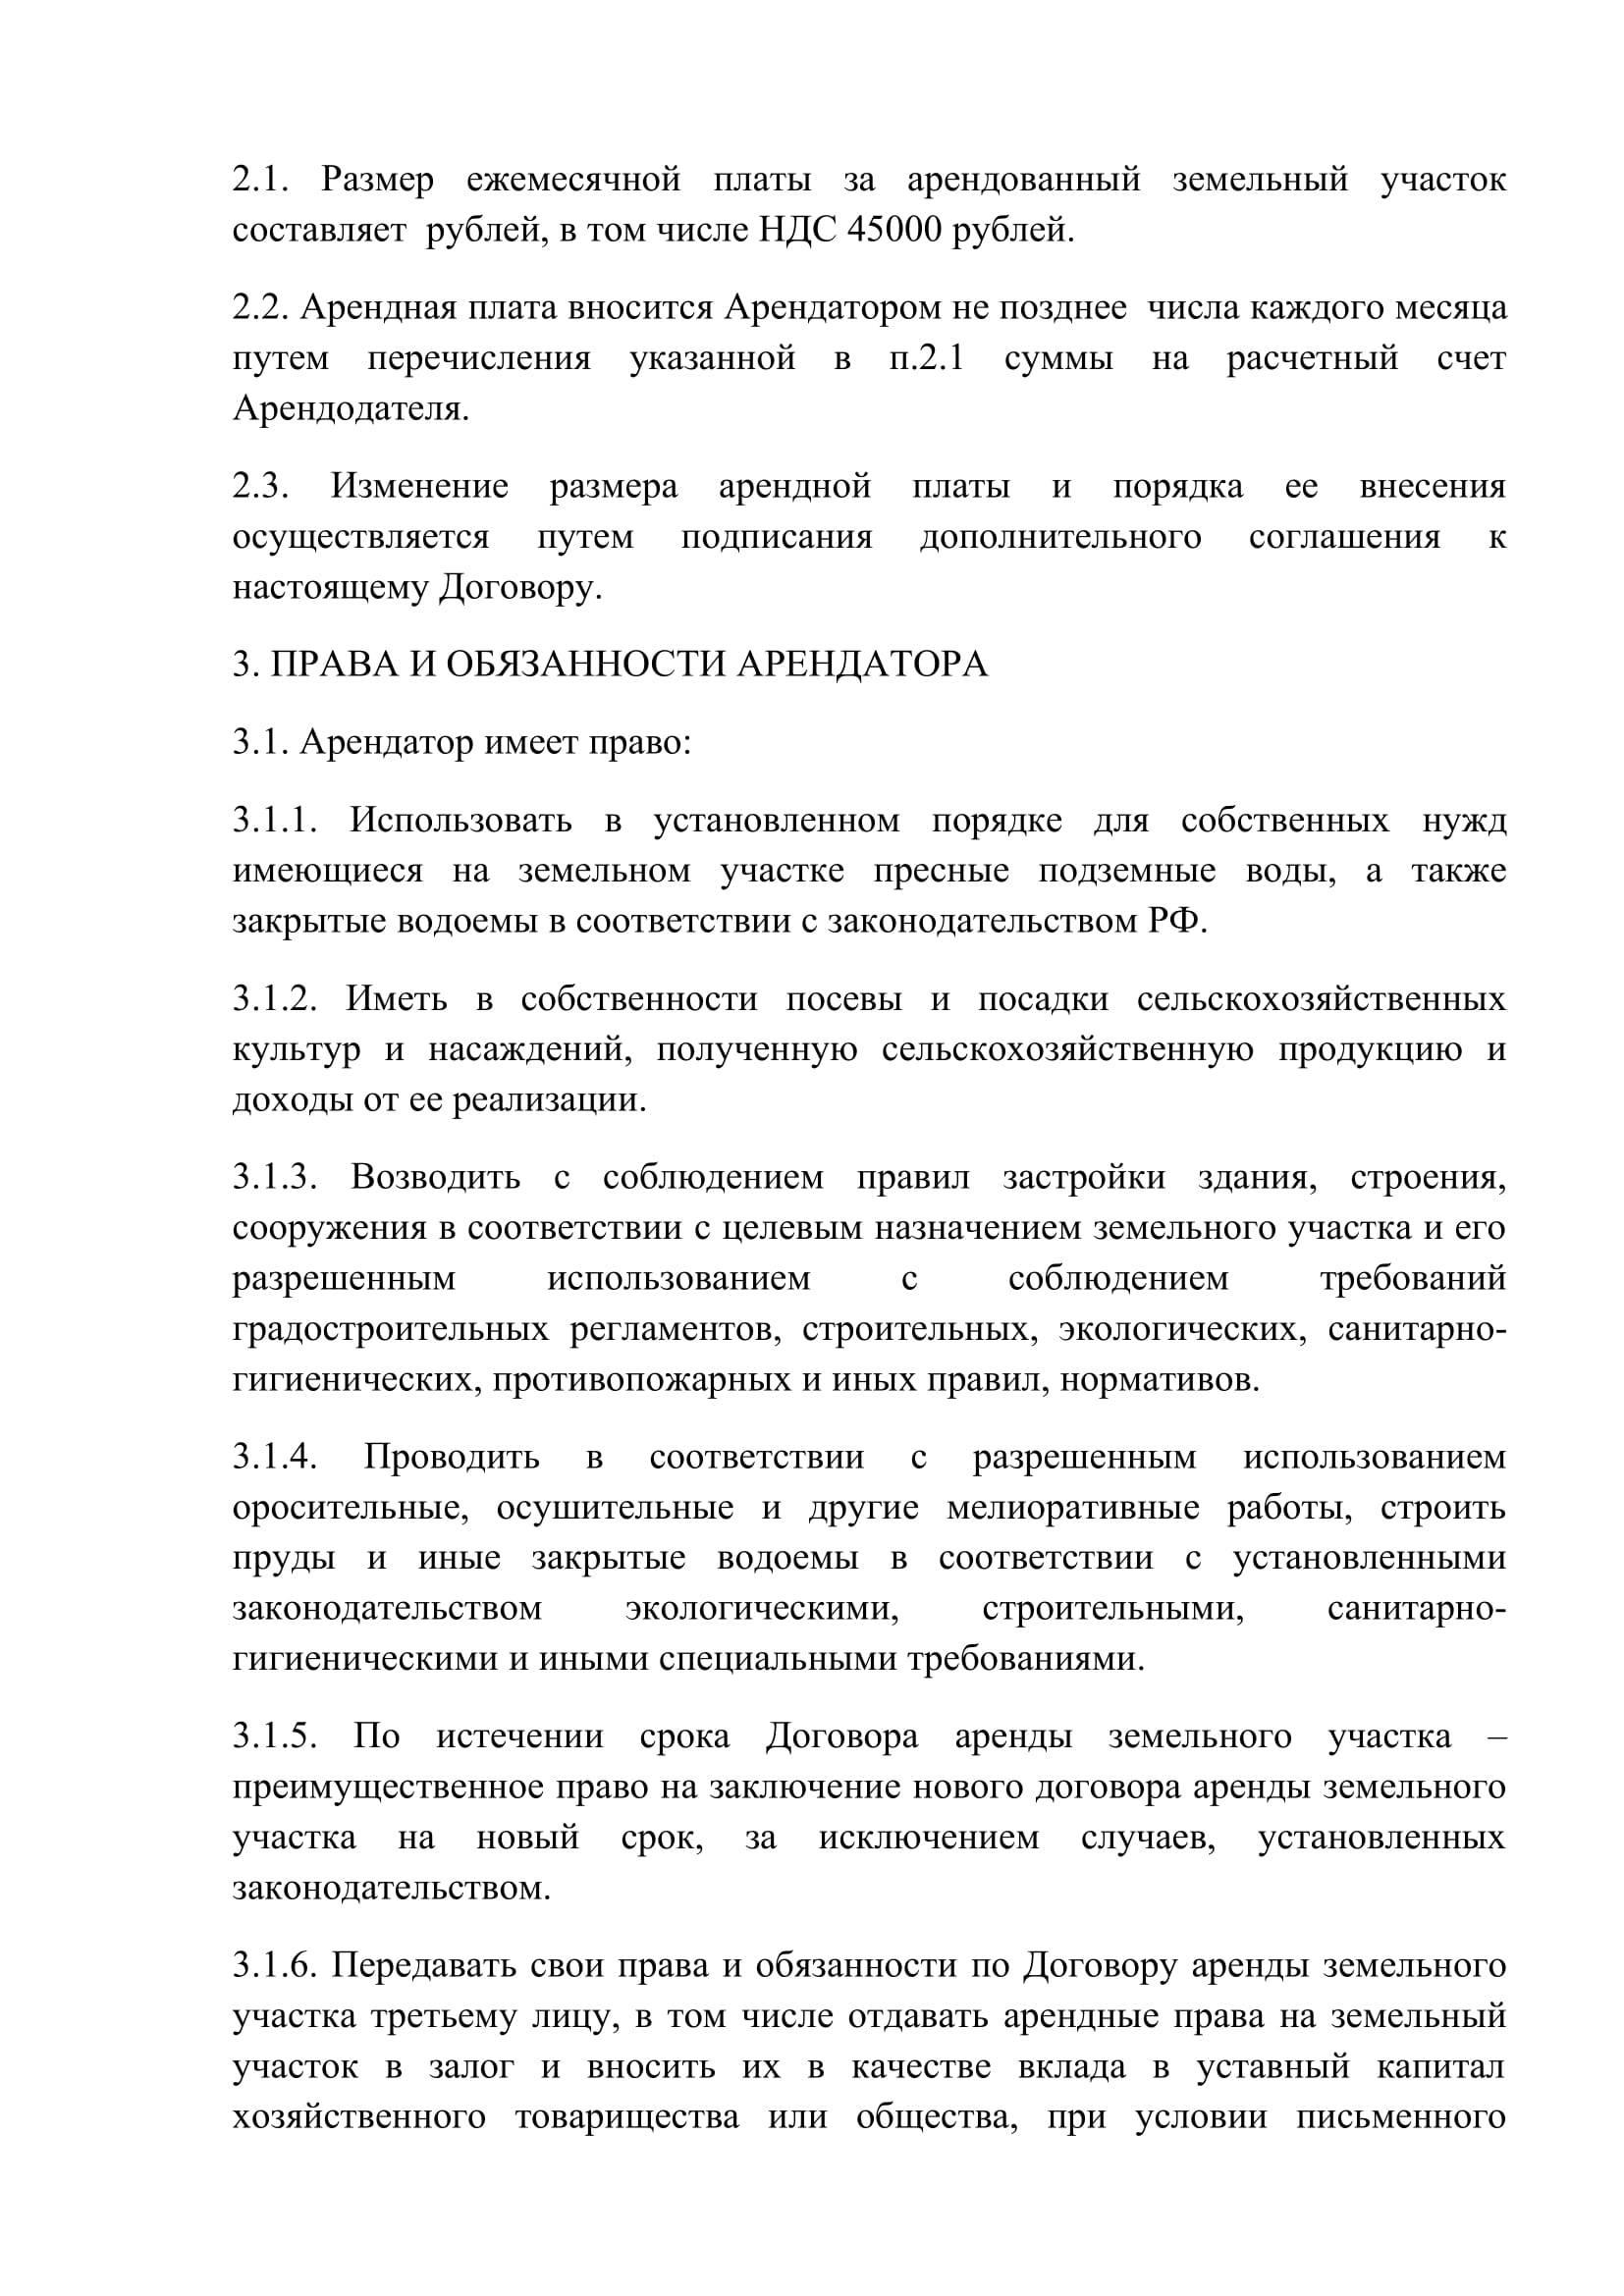 Пишем заявление на аренду земли у администрации: образец для скачивания и инструкция по заполнению